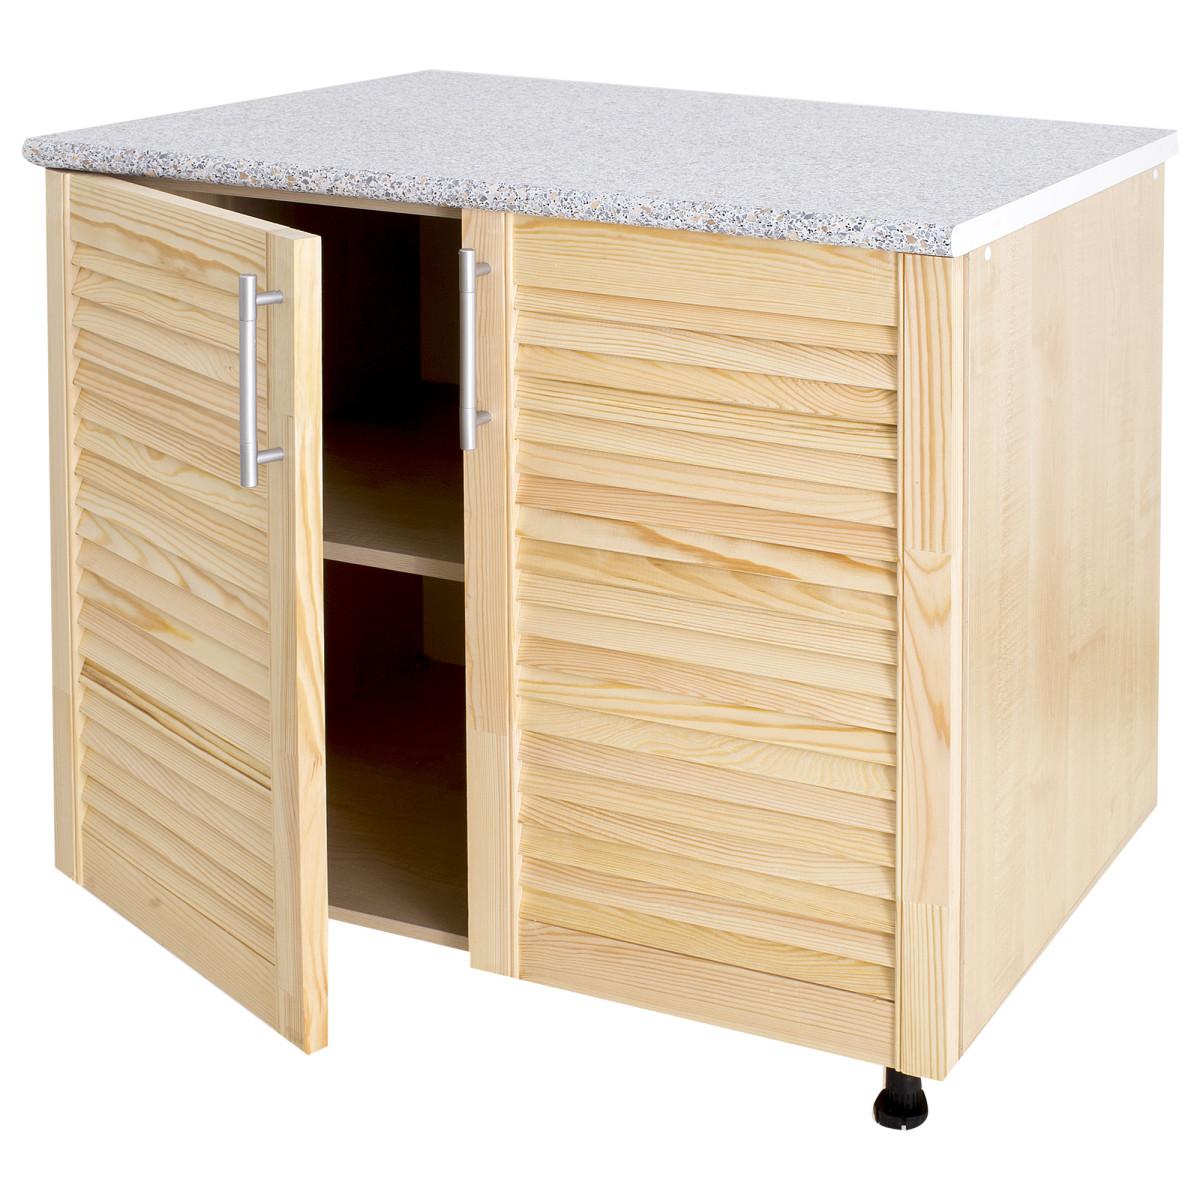 Шкаф напольный Сосна массив 80x86x60 см ЛДСП цвет бежевый